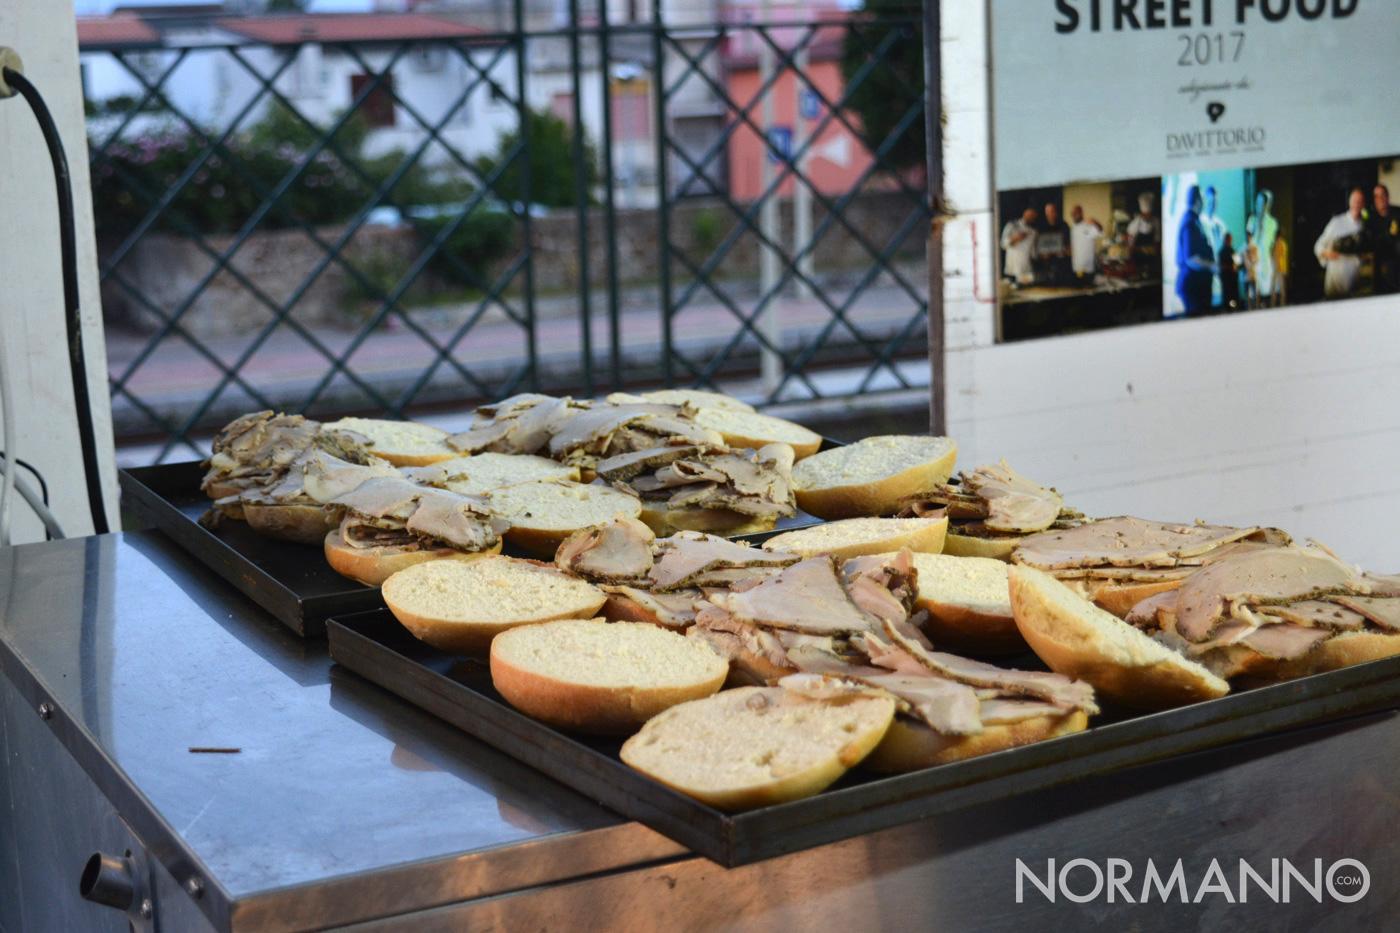 Foto del panino con la porchetta allo Street Food di Primavera 2019